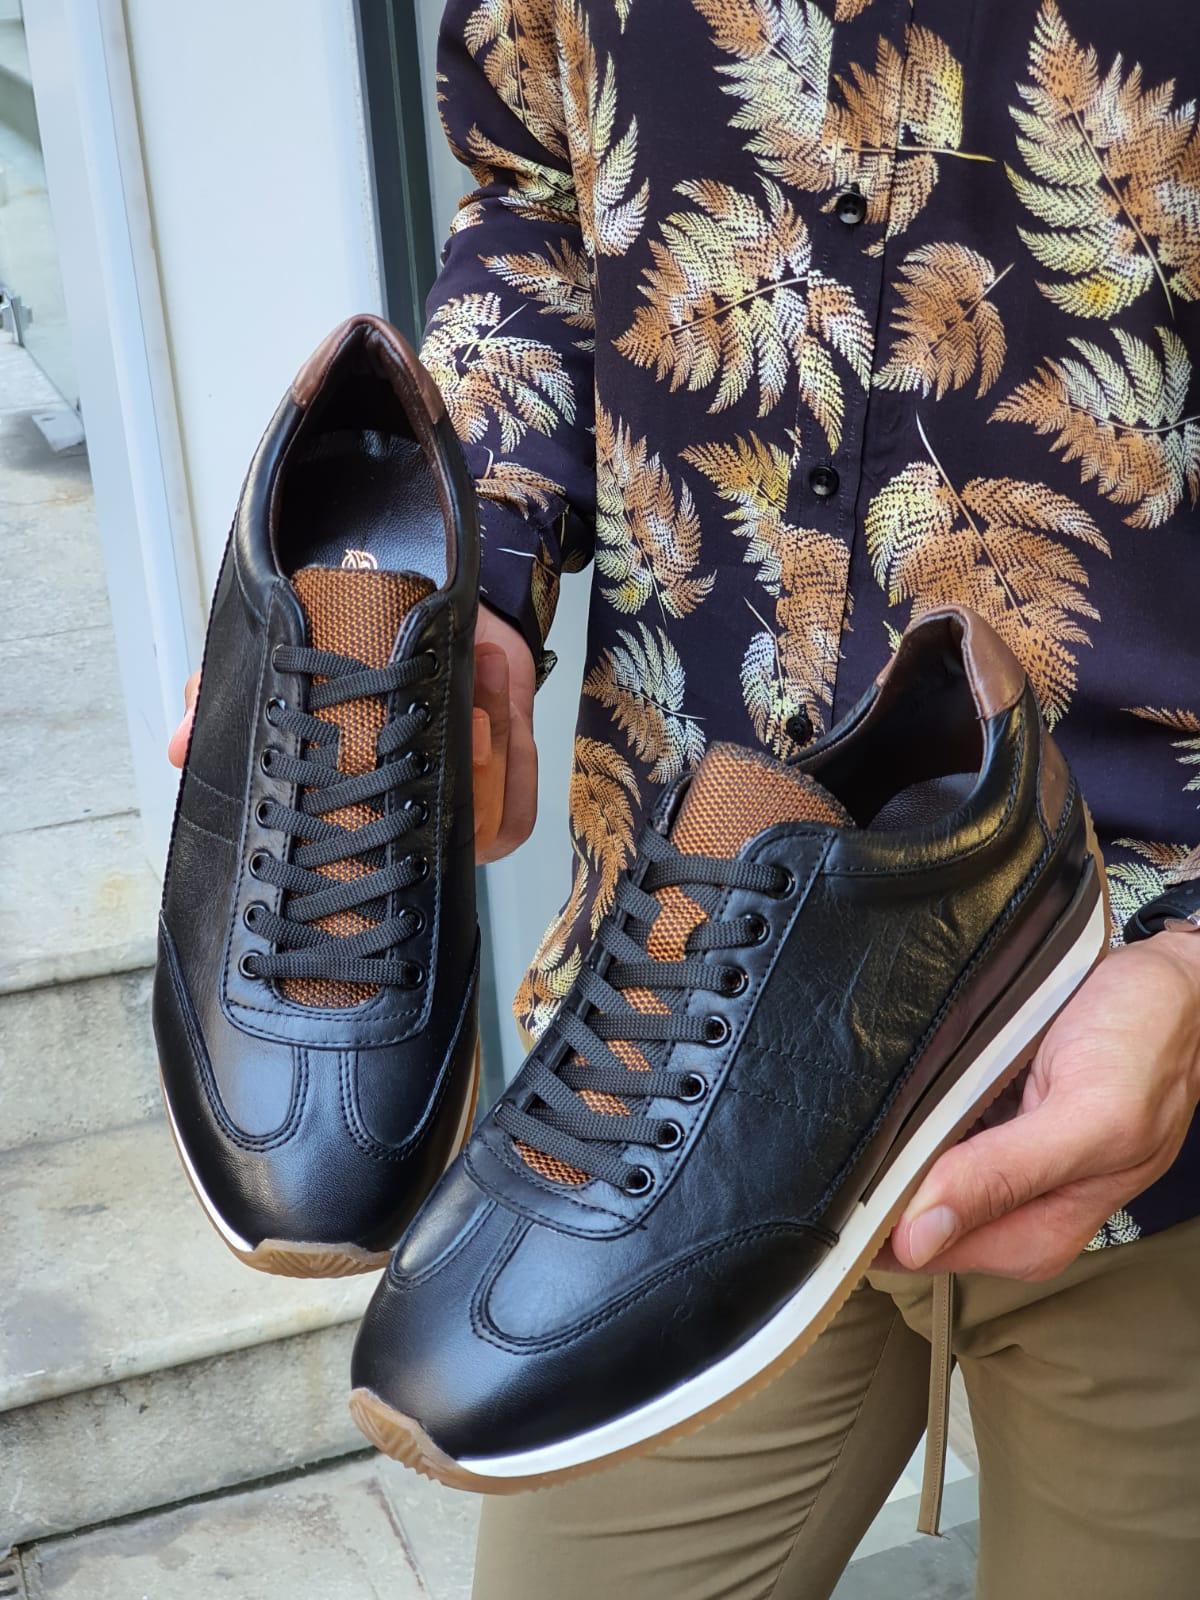 Aysoti Lehi Black Mid-Top Sneakers